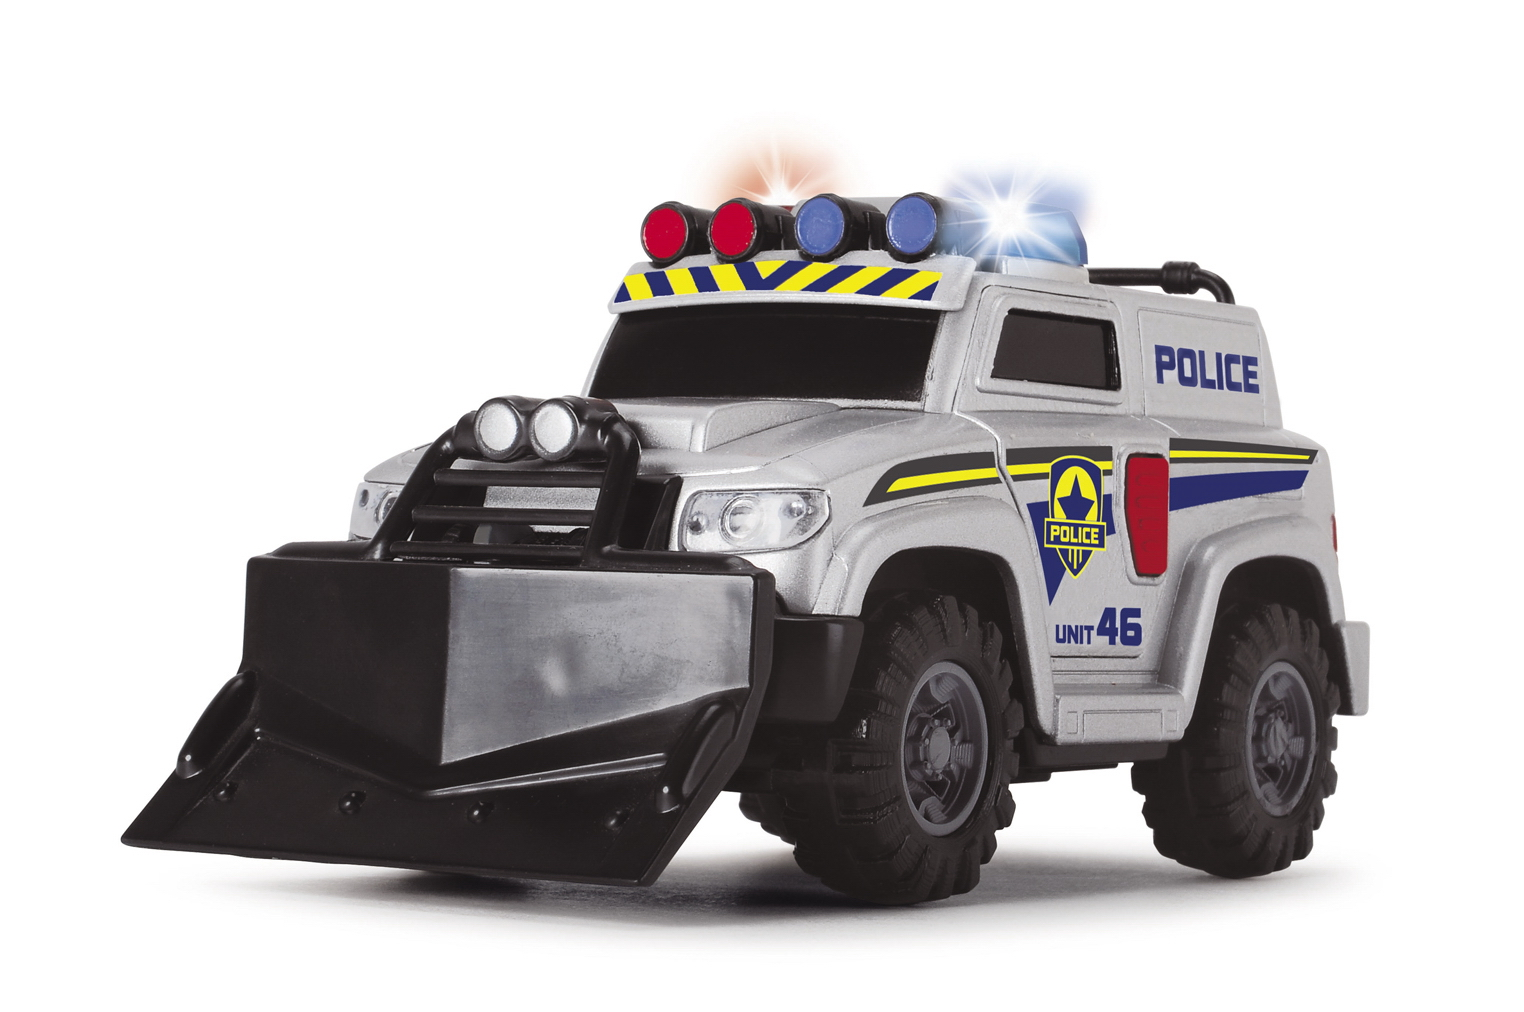 Полицейская машина со светом и звуком, 15 смПолицейские машины<br>Полицейская машина со светом и звуком, 15 см<br>